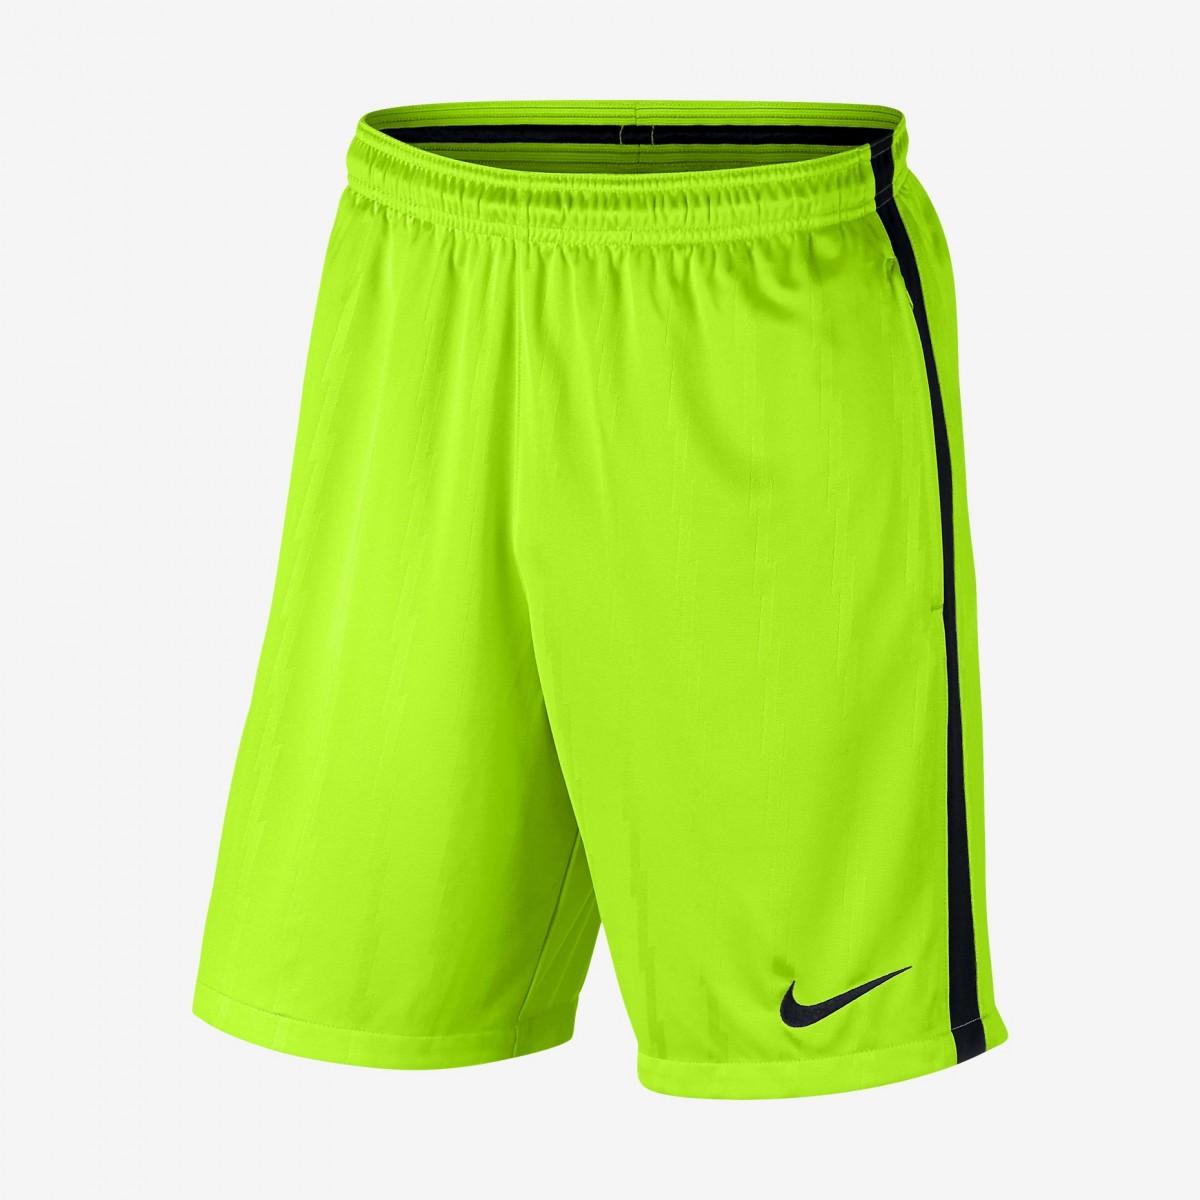 bacb39df8c Calção de Futebol Nike Squad 833012-336 - Verde Preto - Calçados ...